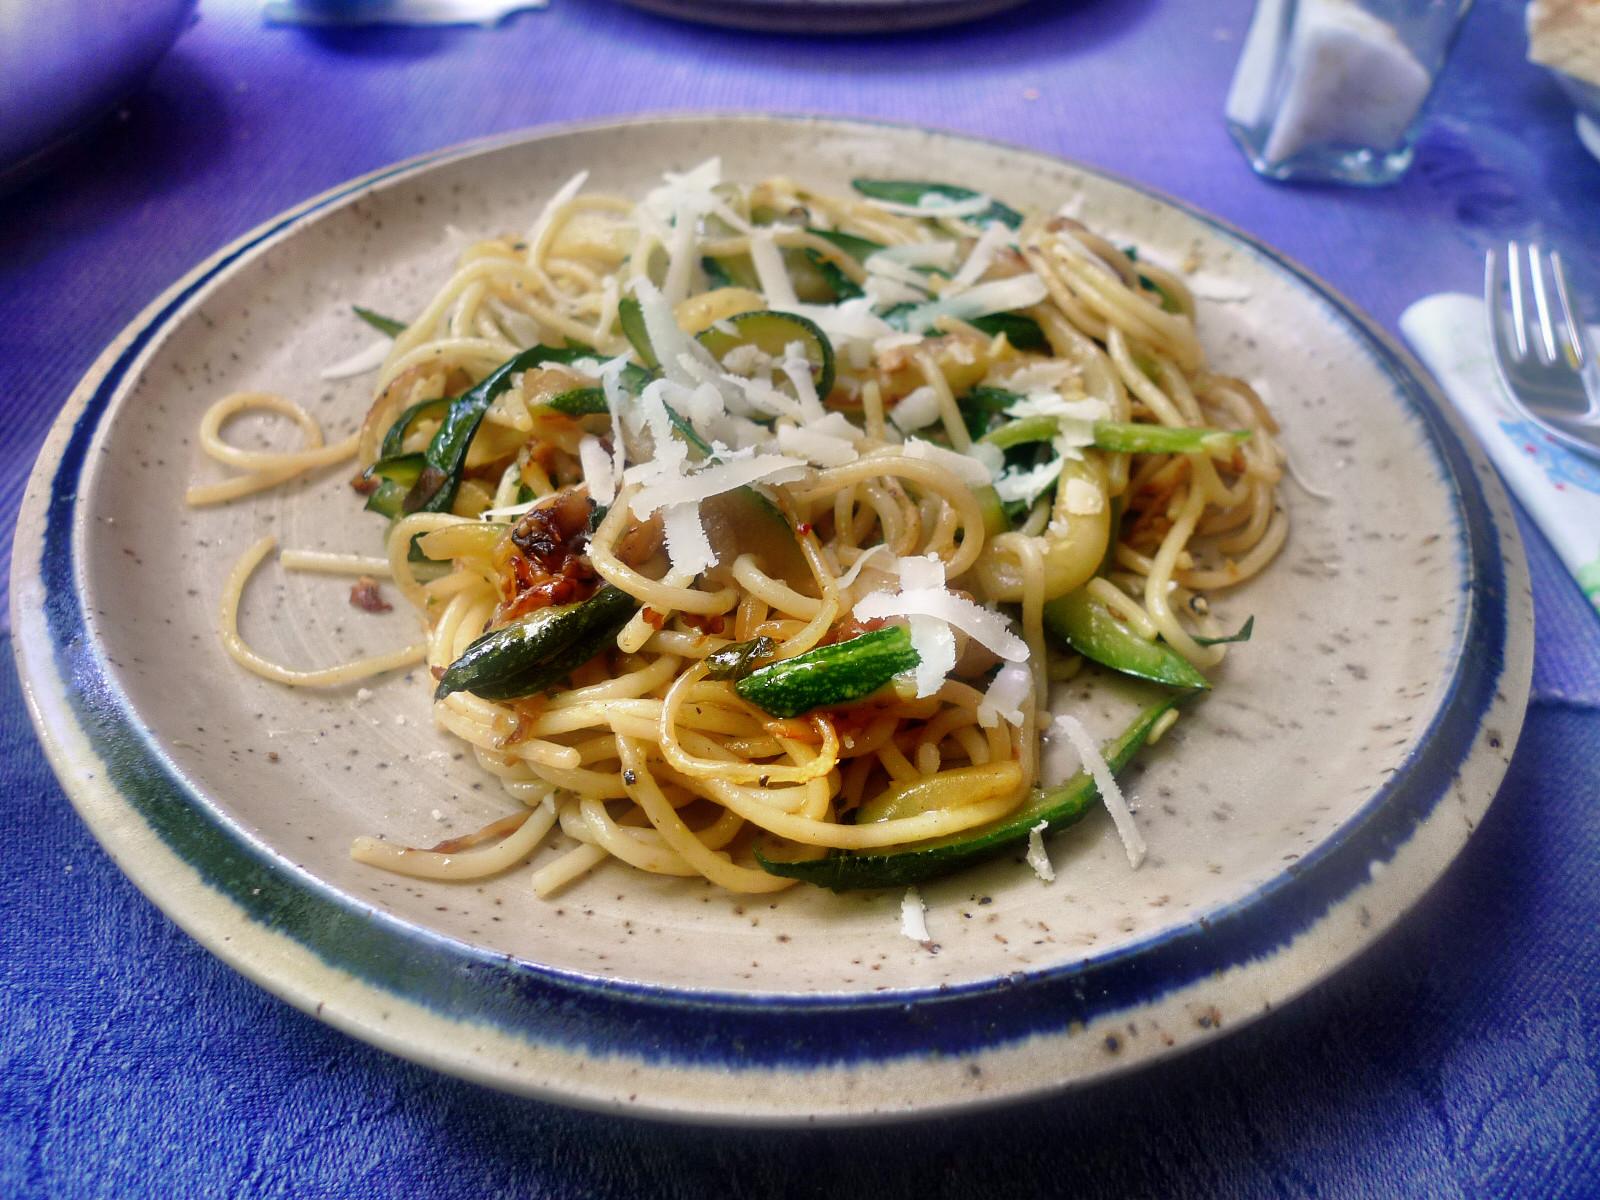 Spaghetti-Zucchinipfanne-27.8.14   (12)